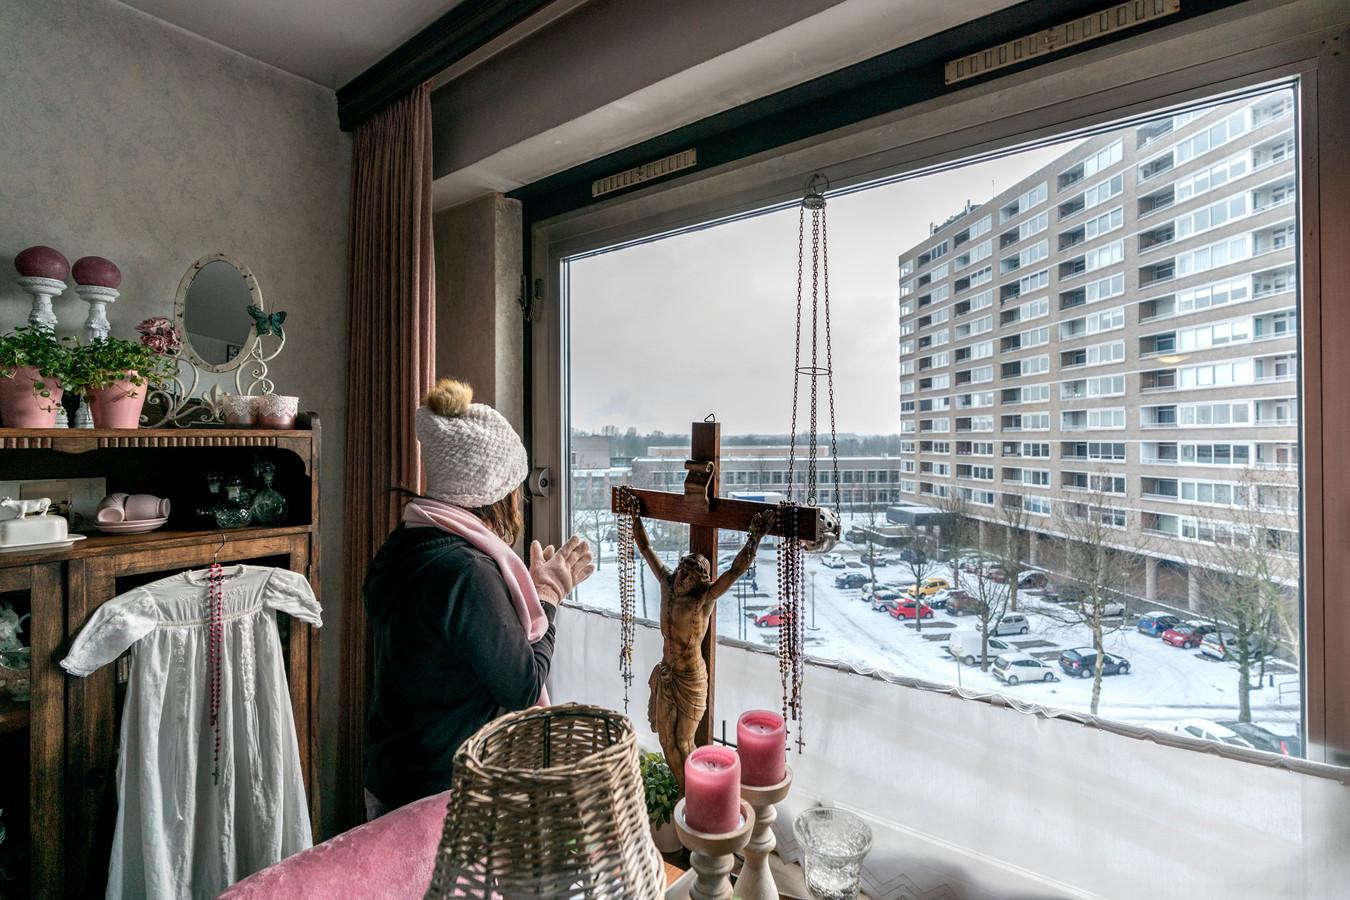 Nederland,  Den Bosch, Trudy van Damen heeft het koud in haar flatje in het voormalig verzorgingstehuis.